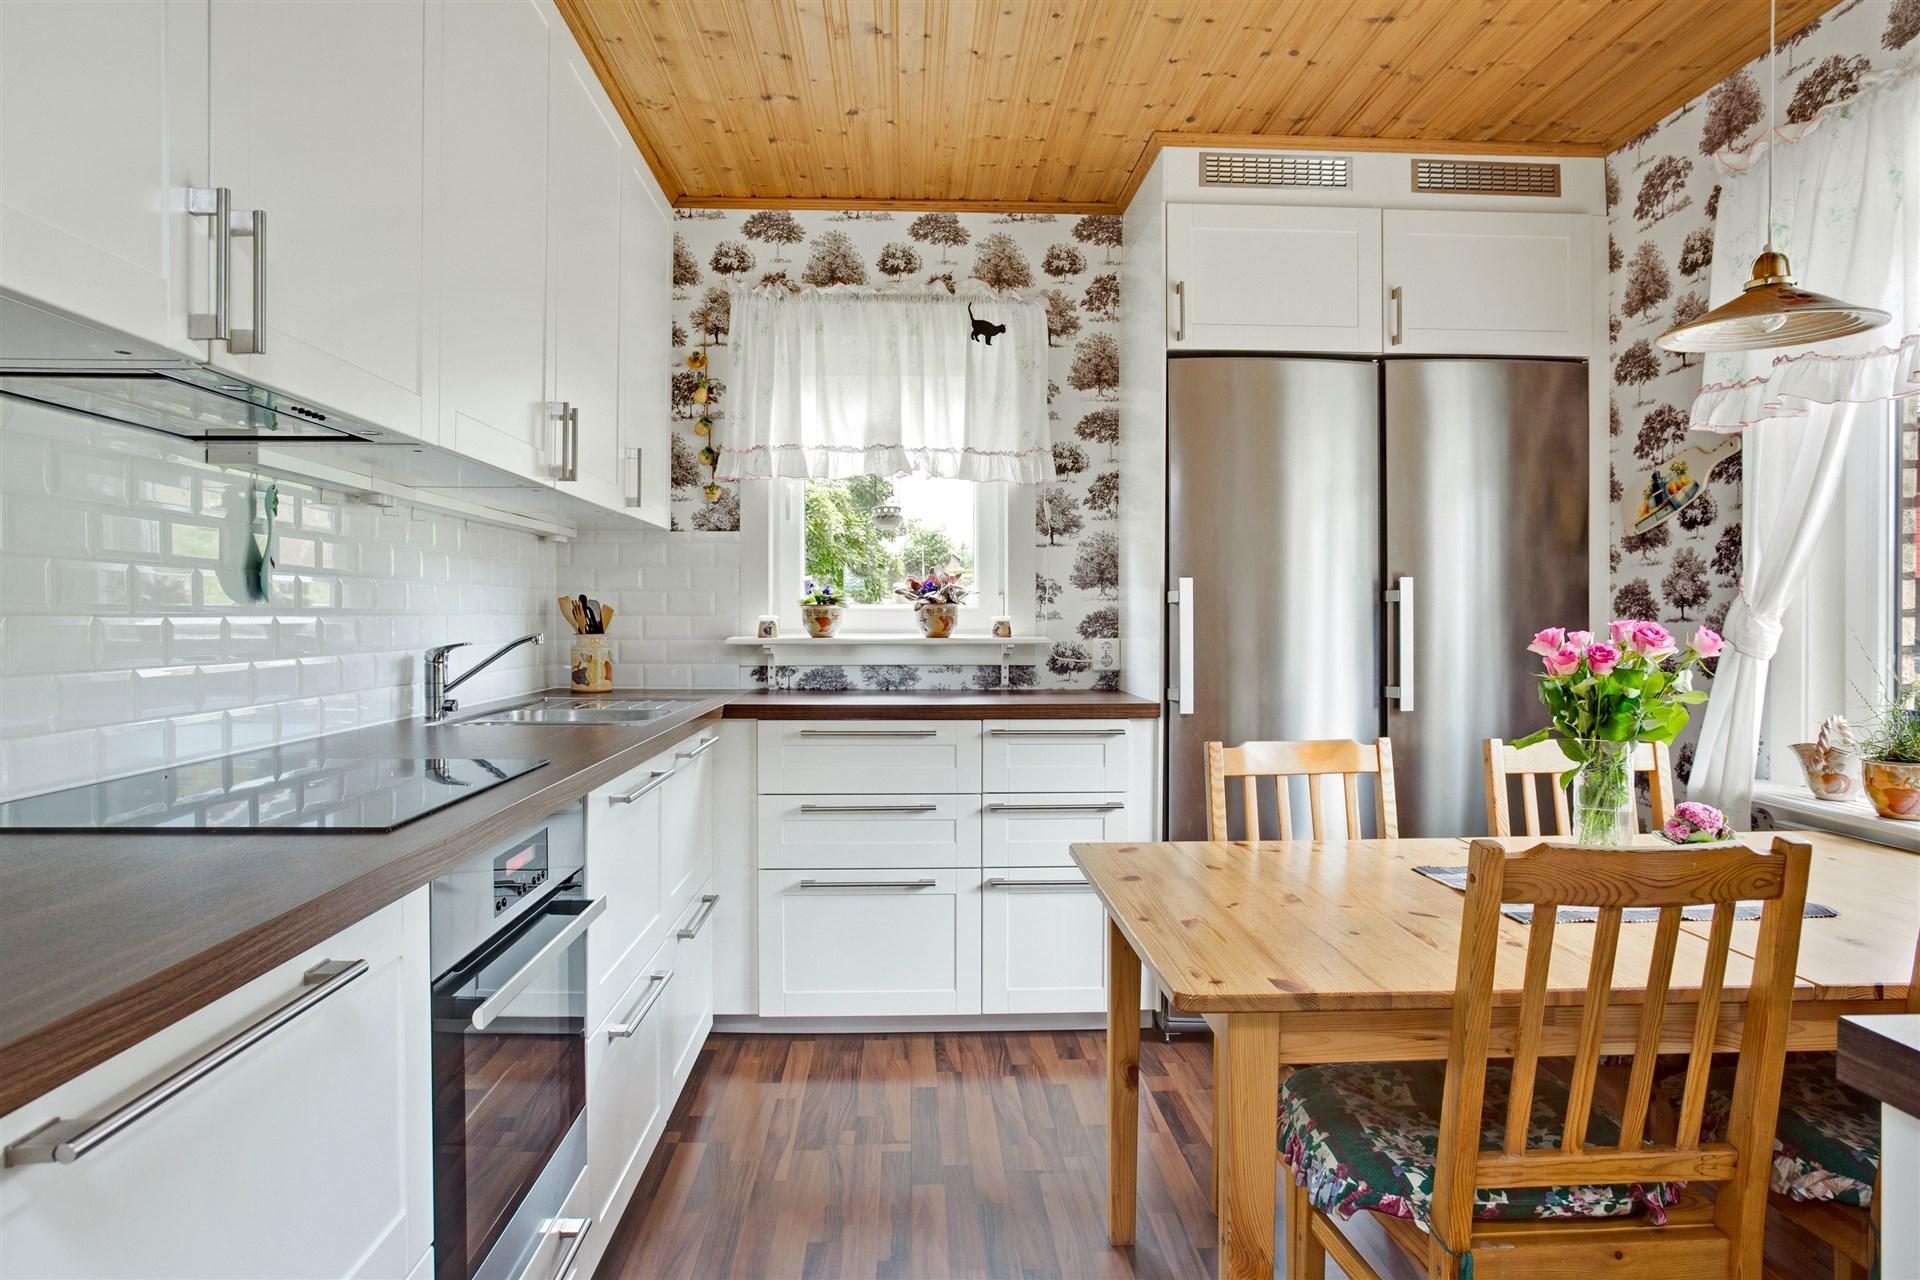 Fräscht och helrenoverat kök med vita köksluckor och vitt kakel över arbetsbänk.